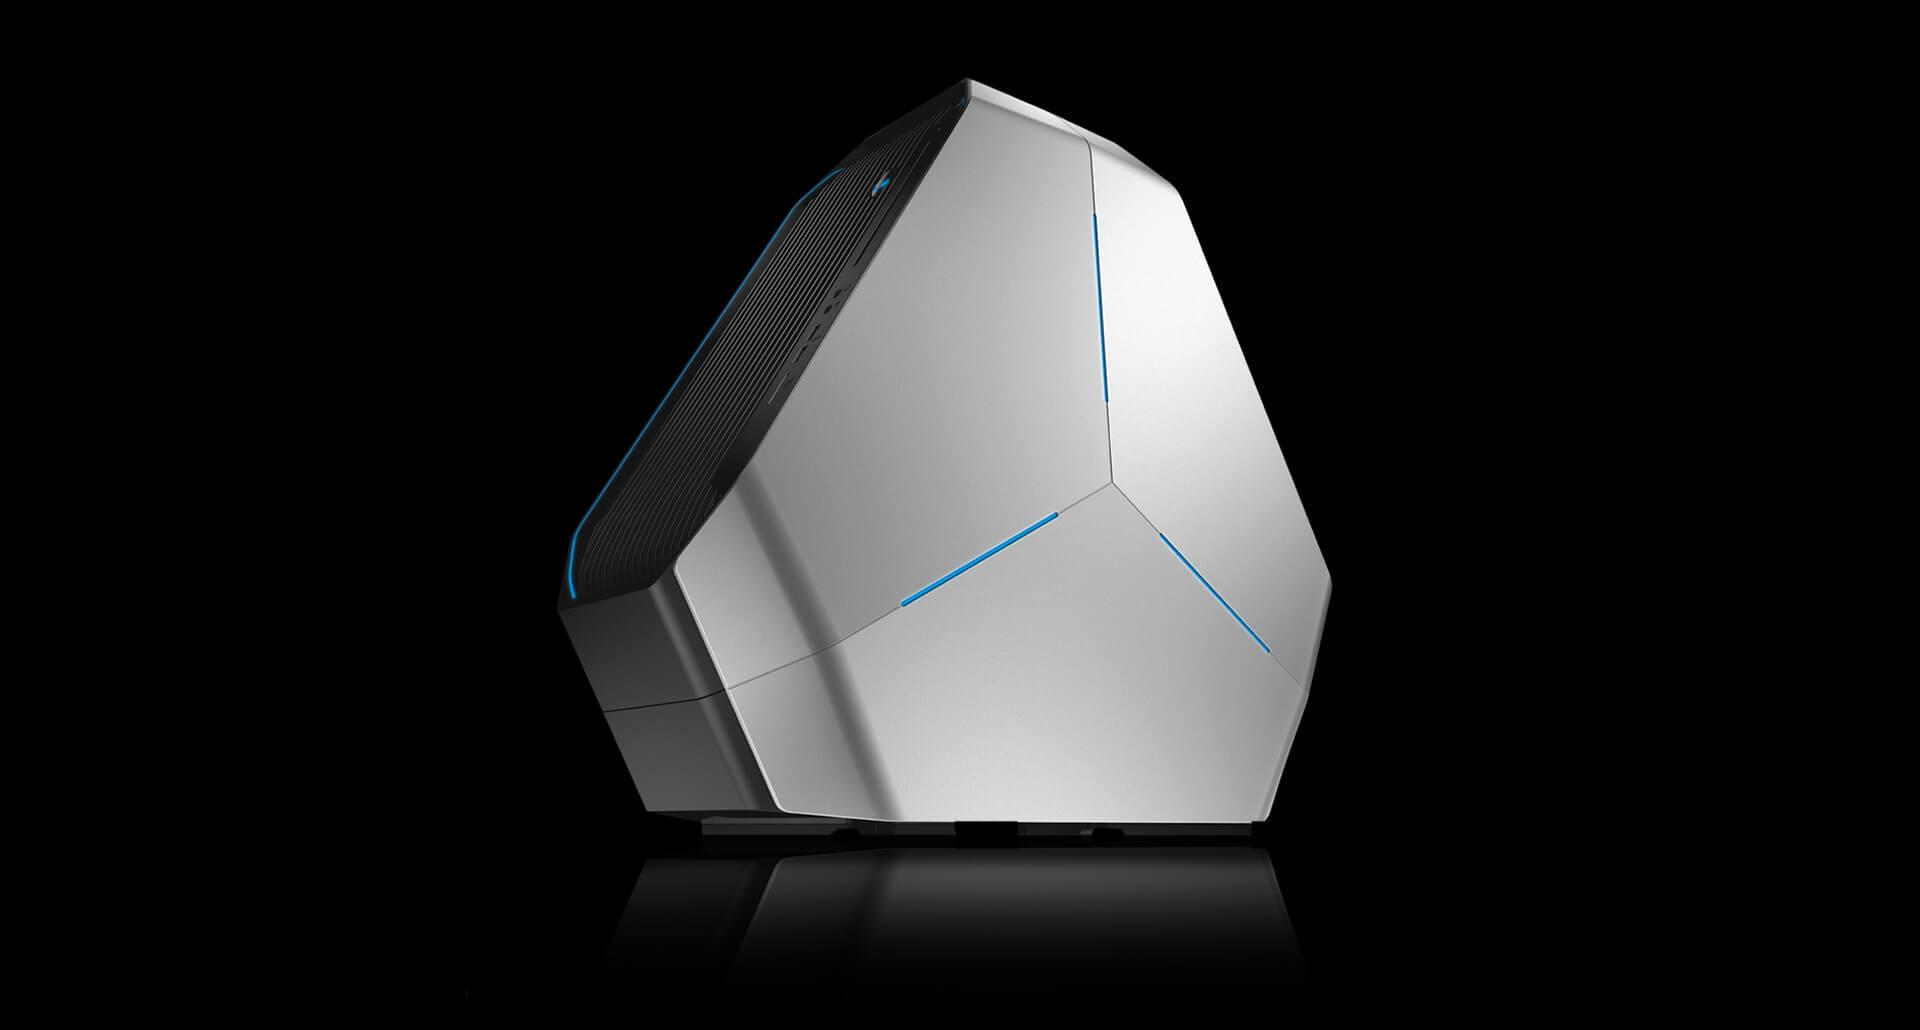 Photo of Alienware dezvăluie Area 51, calculatorul de gaming alimentat de Intel X299